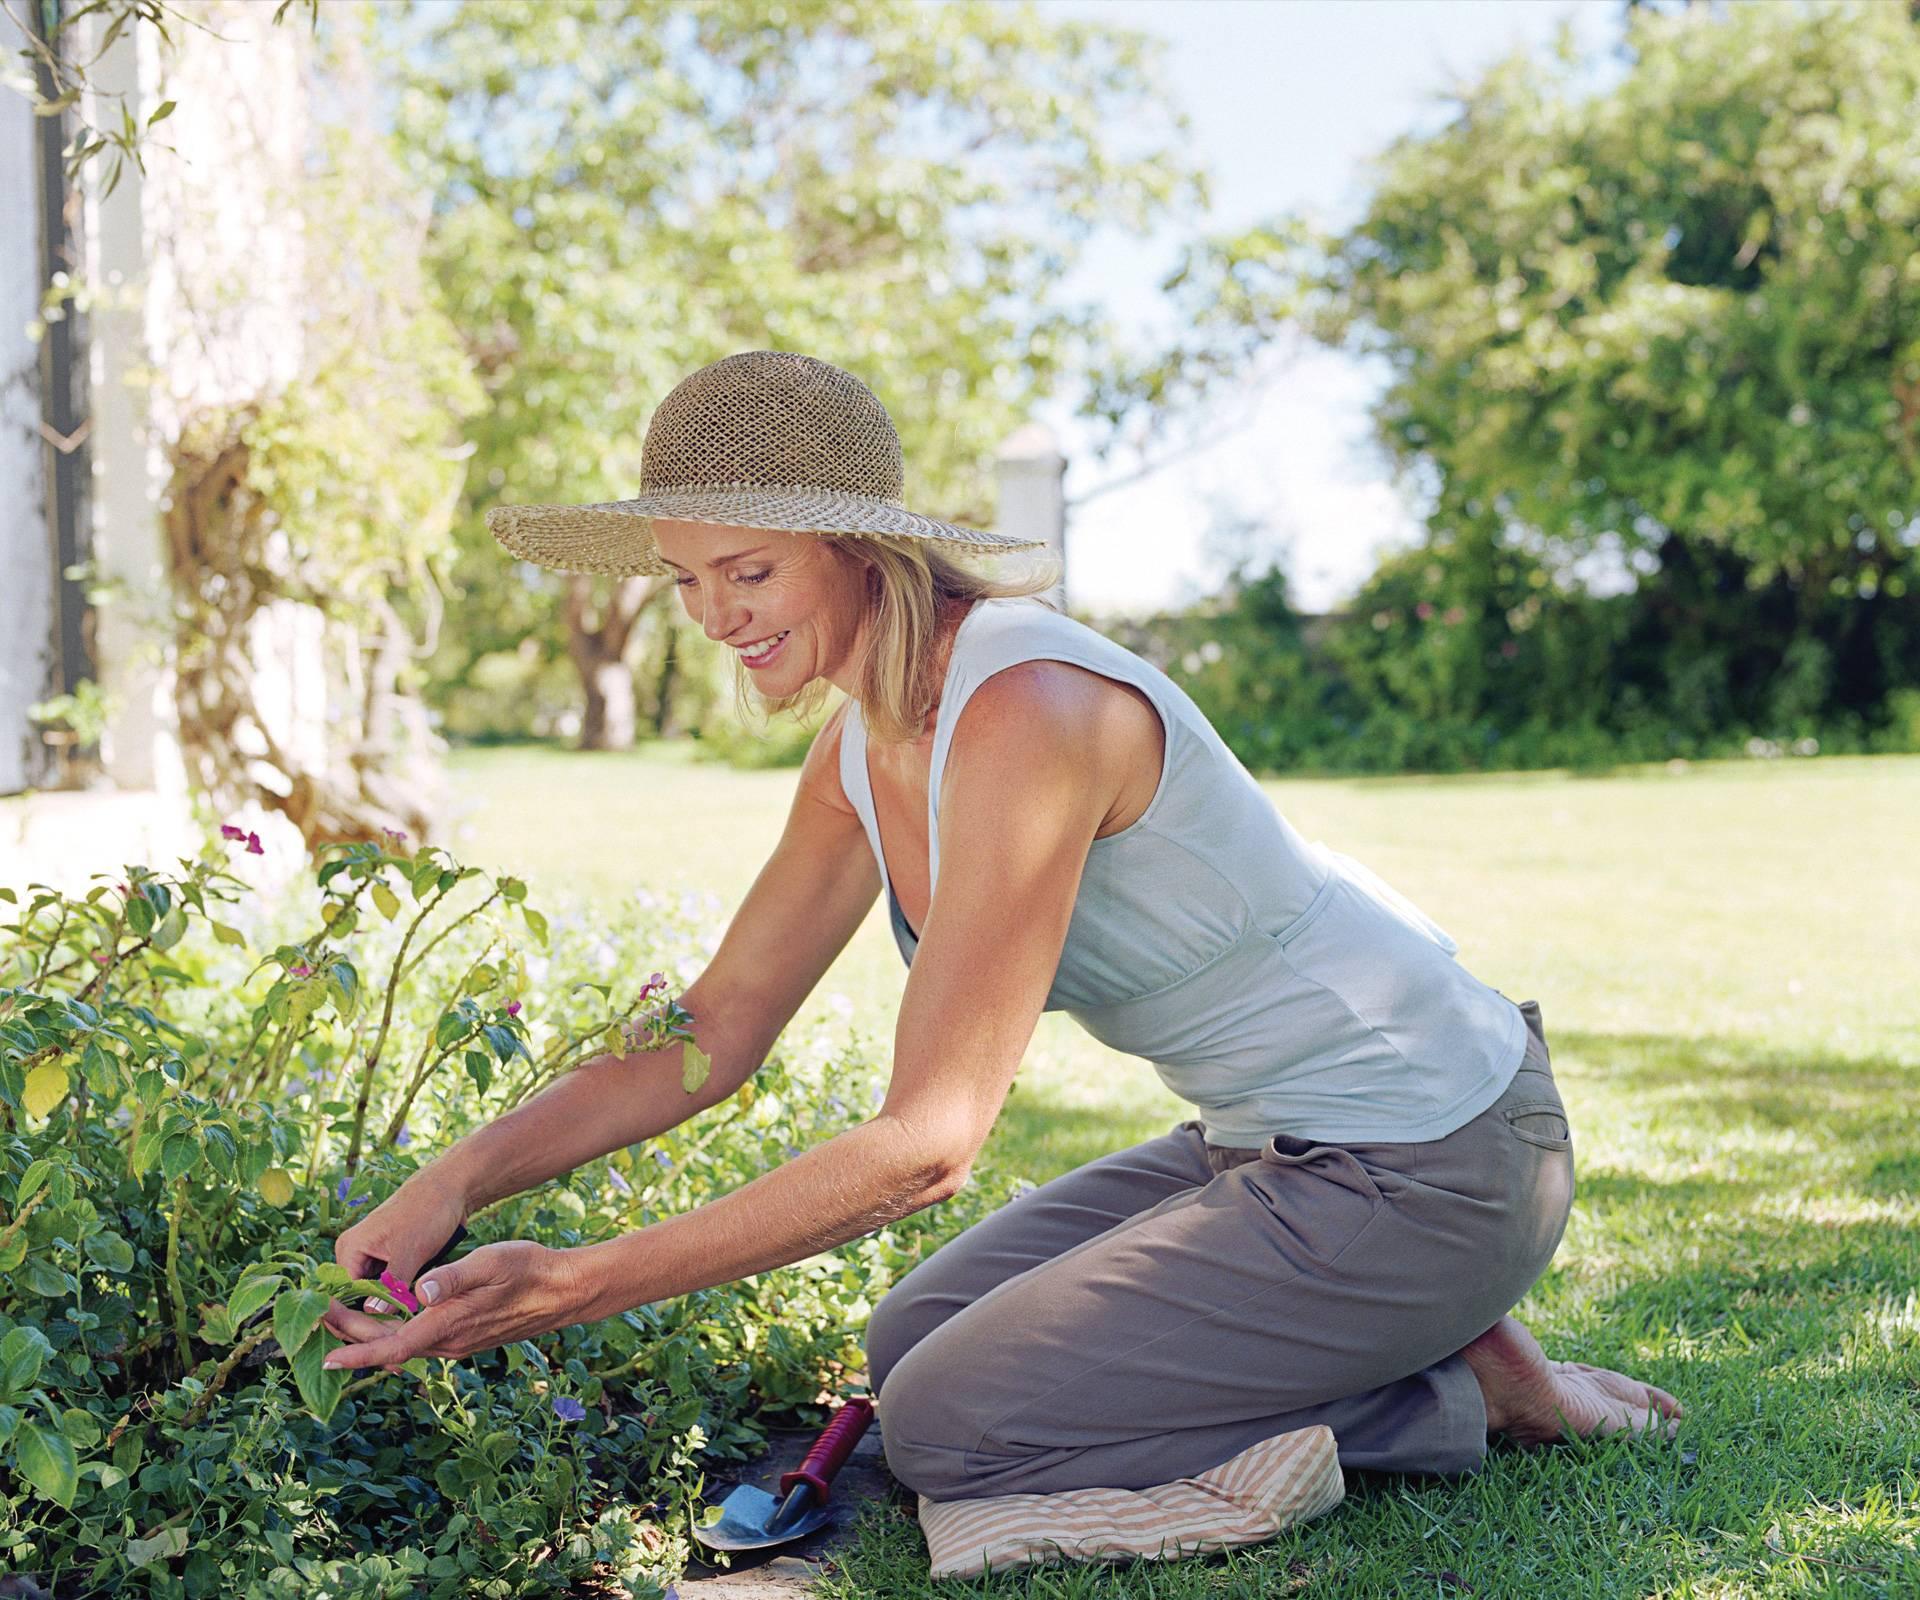 Как найти хобби и увлечение по душе: советы по поиску занятия